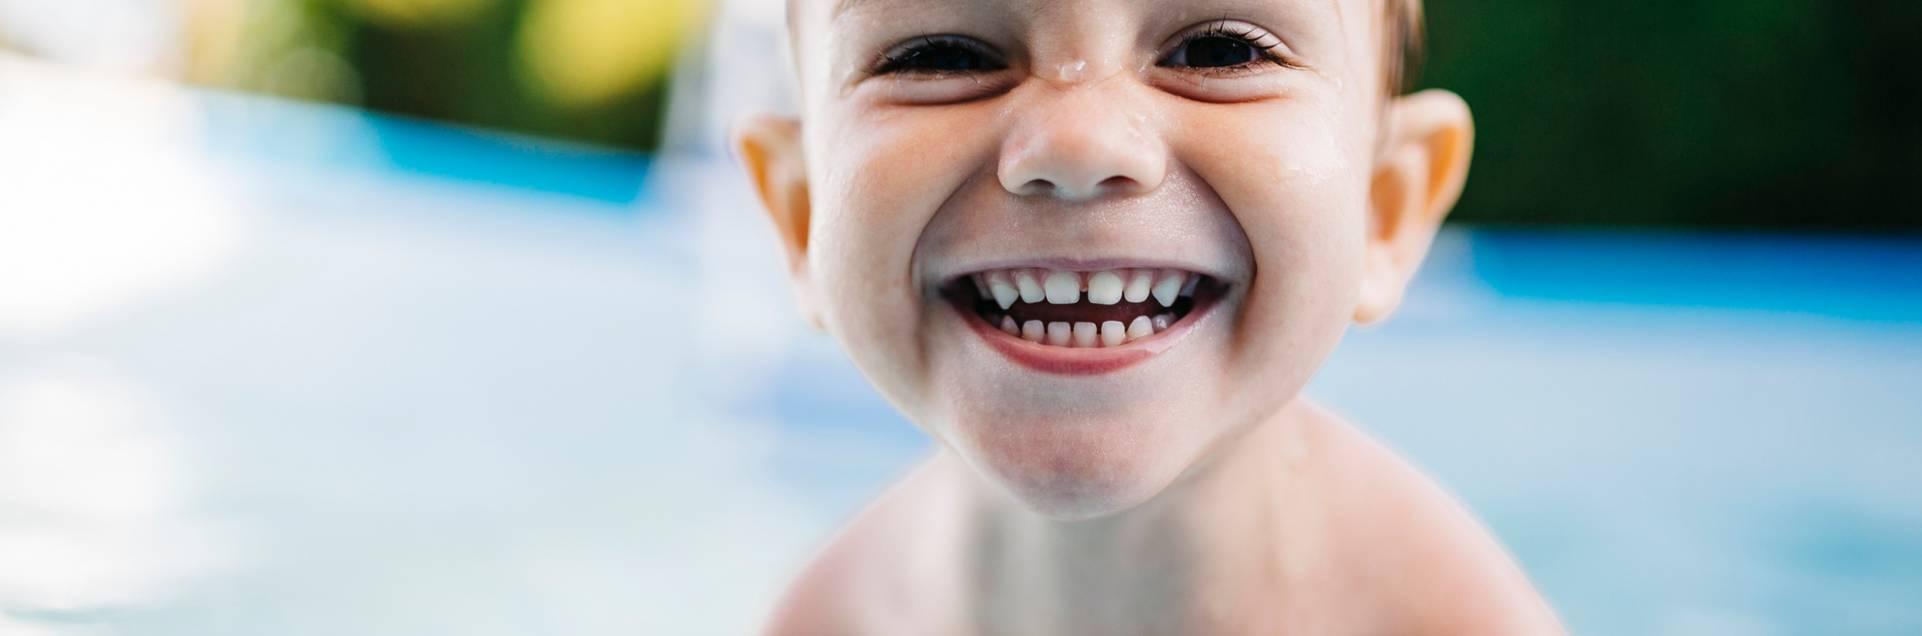 Molusco contagioso en niños: causas, síntomas y prevención